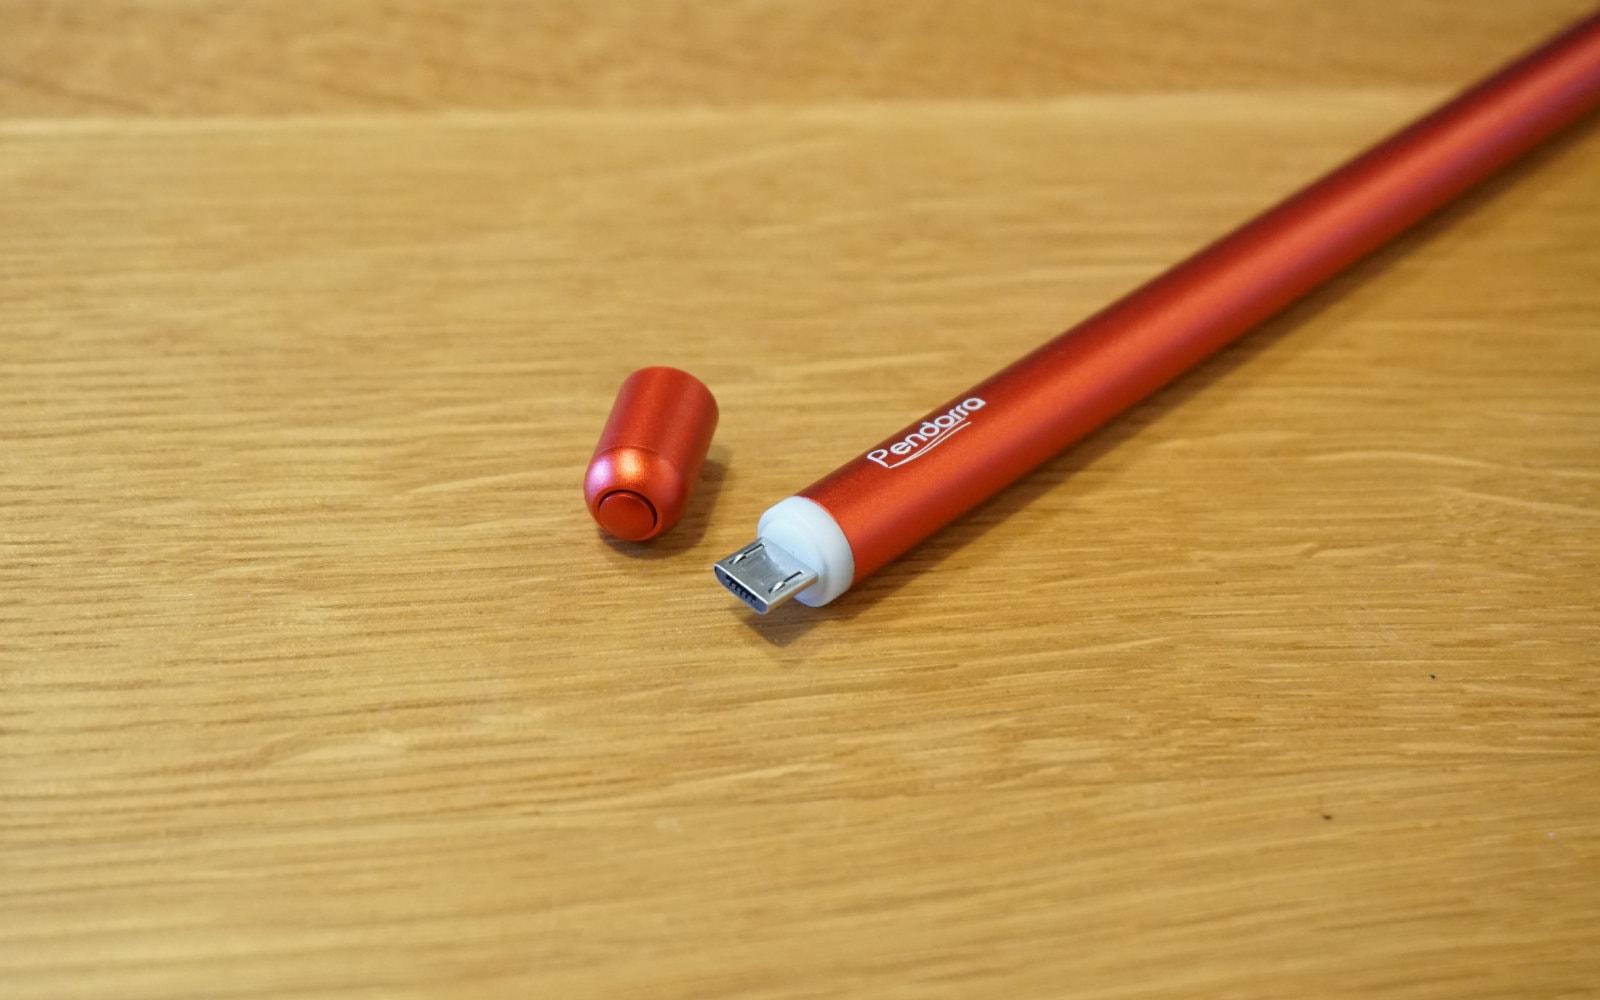 Pendorra充電式タッチペンの頭のキャップを外したところ